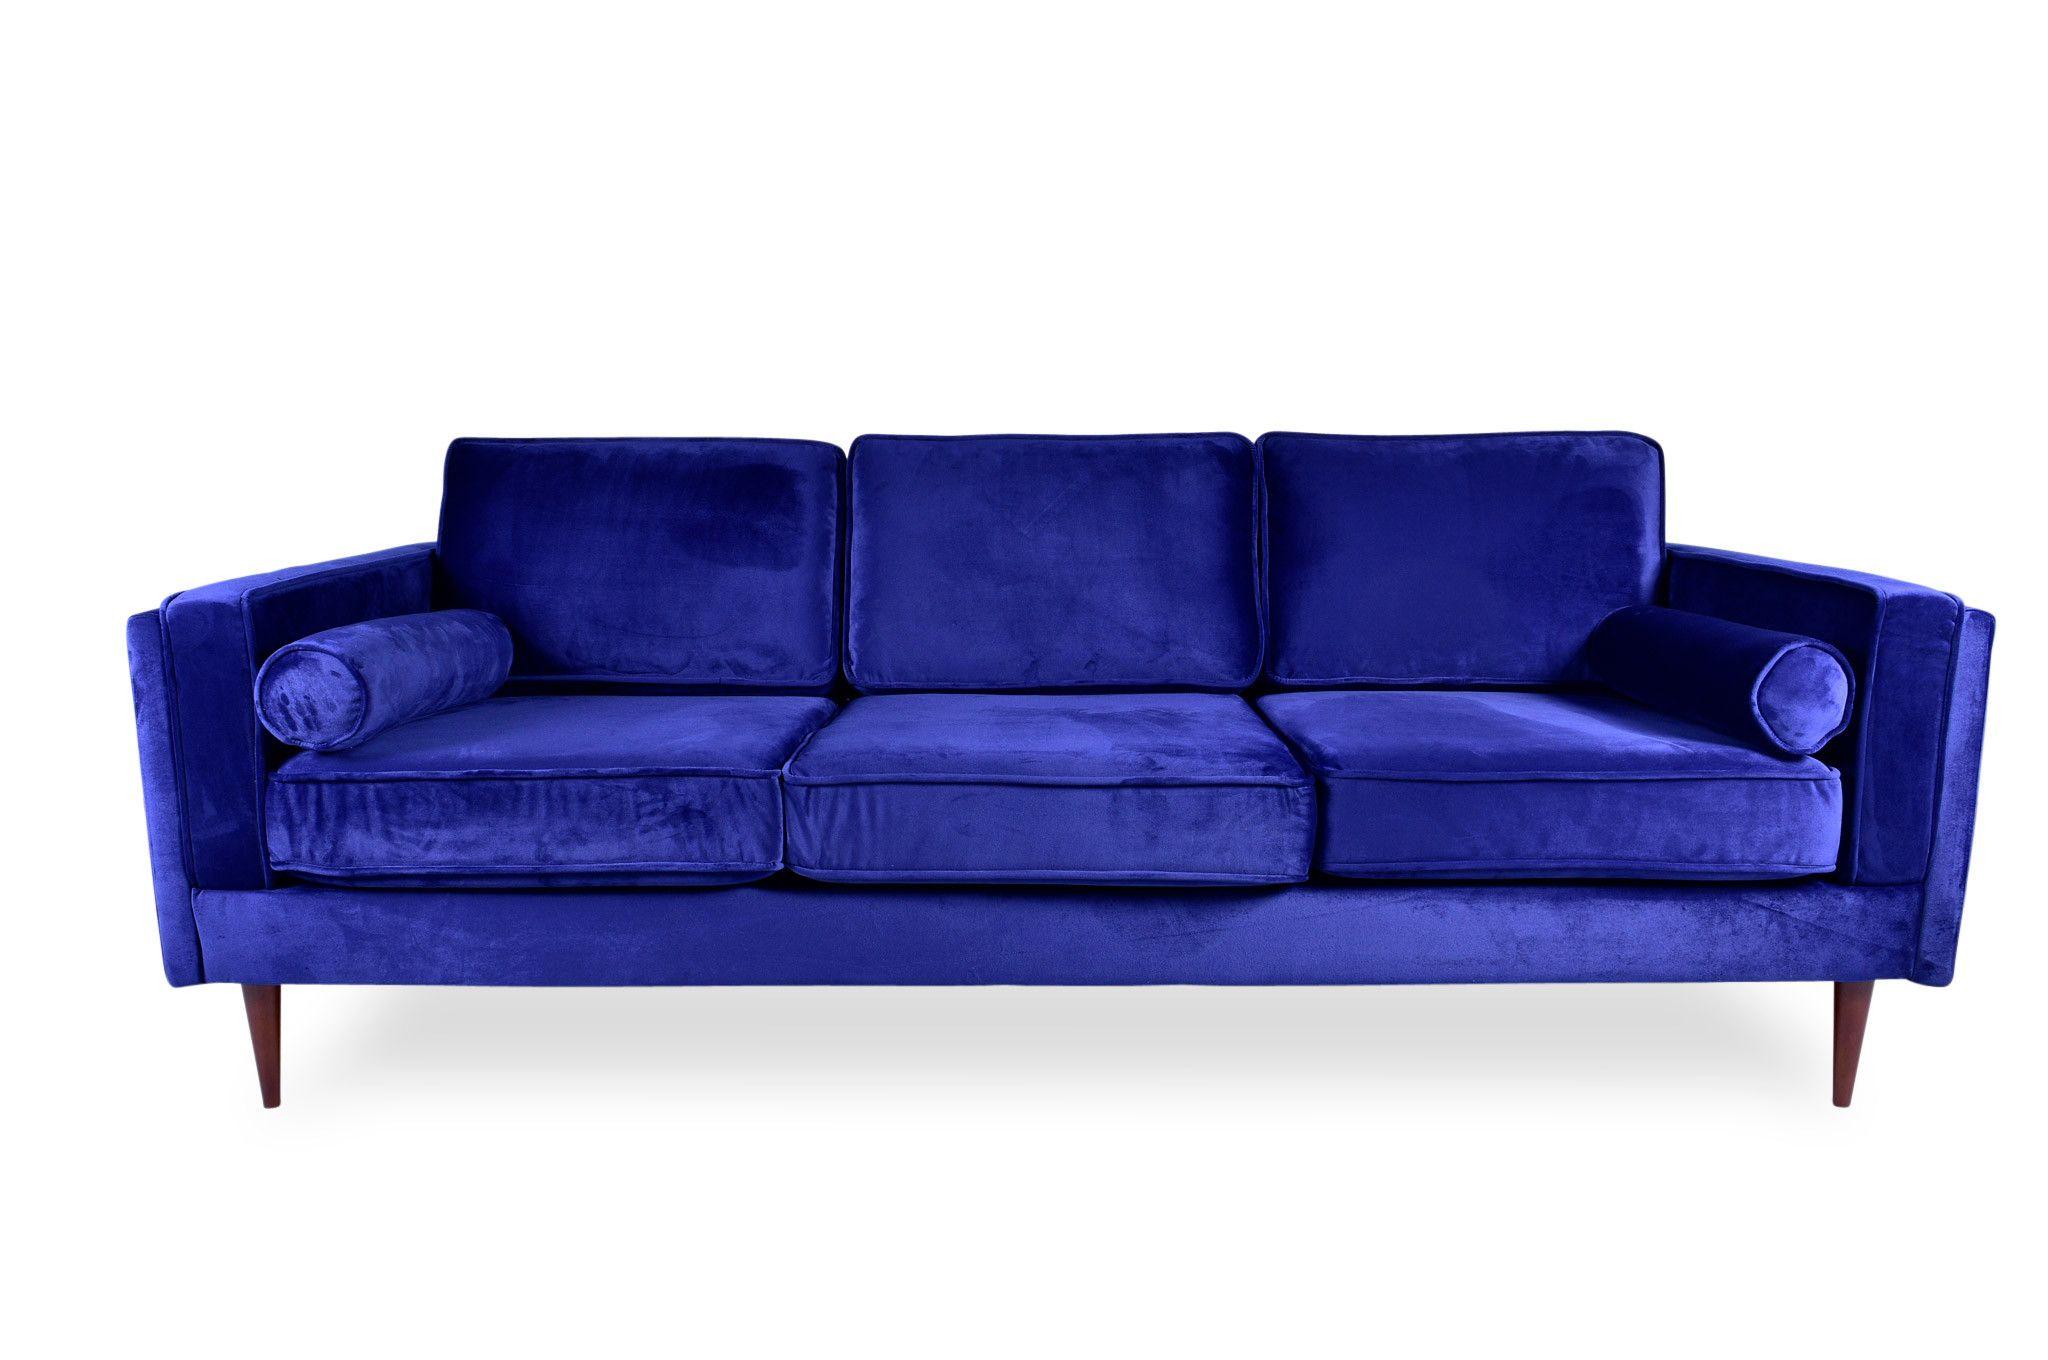 Marvelous Fordham Velvet Sofa Navy Blue Midinmod Velvet Sofa Machost Co Dining Chair Design Ideas Machostcouk